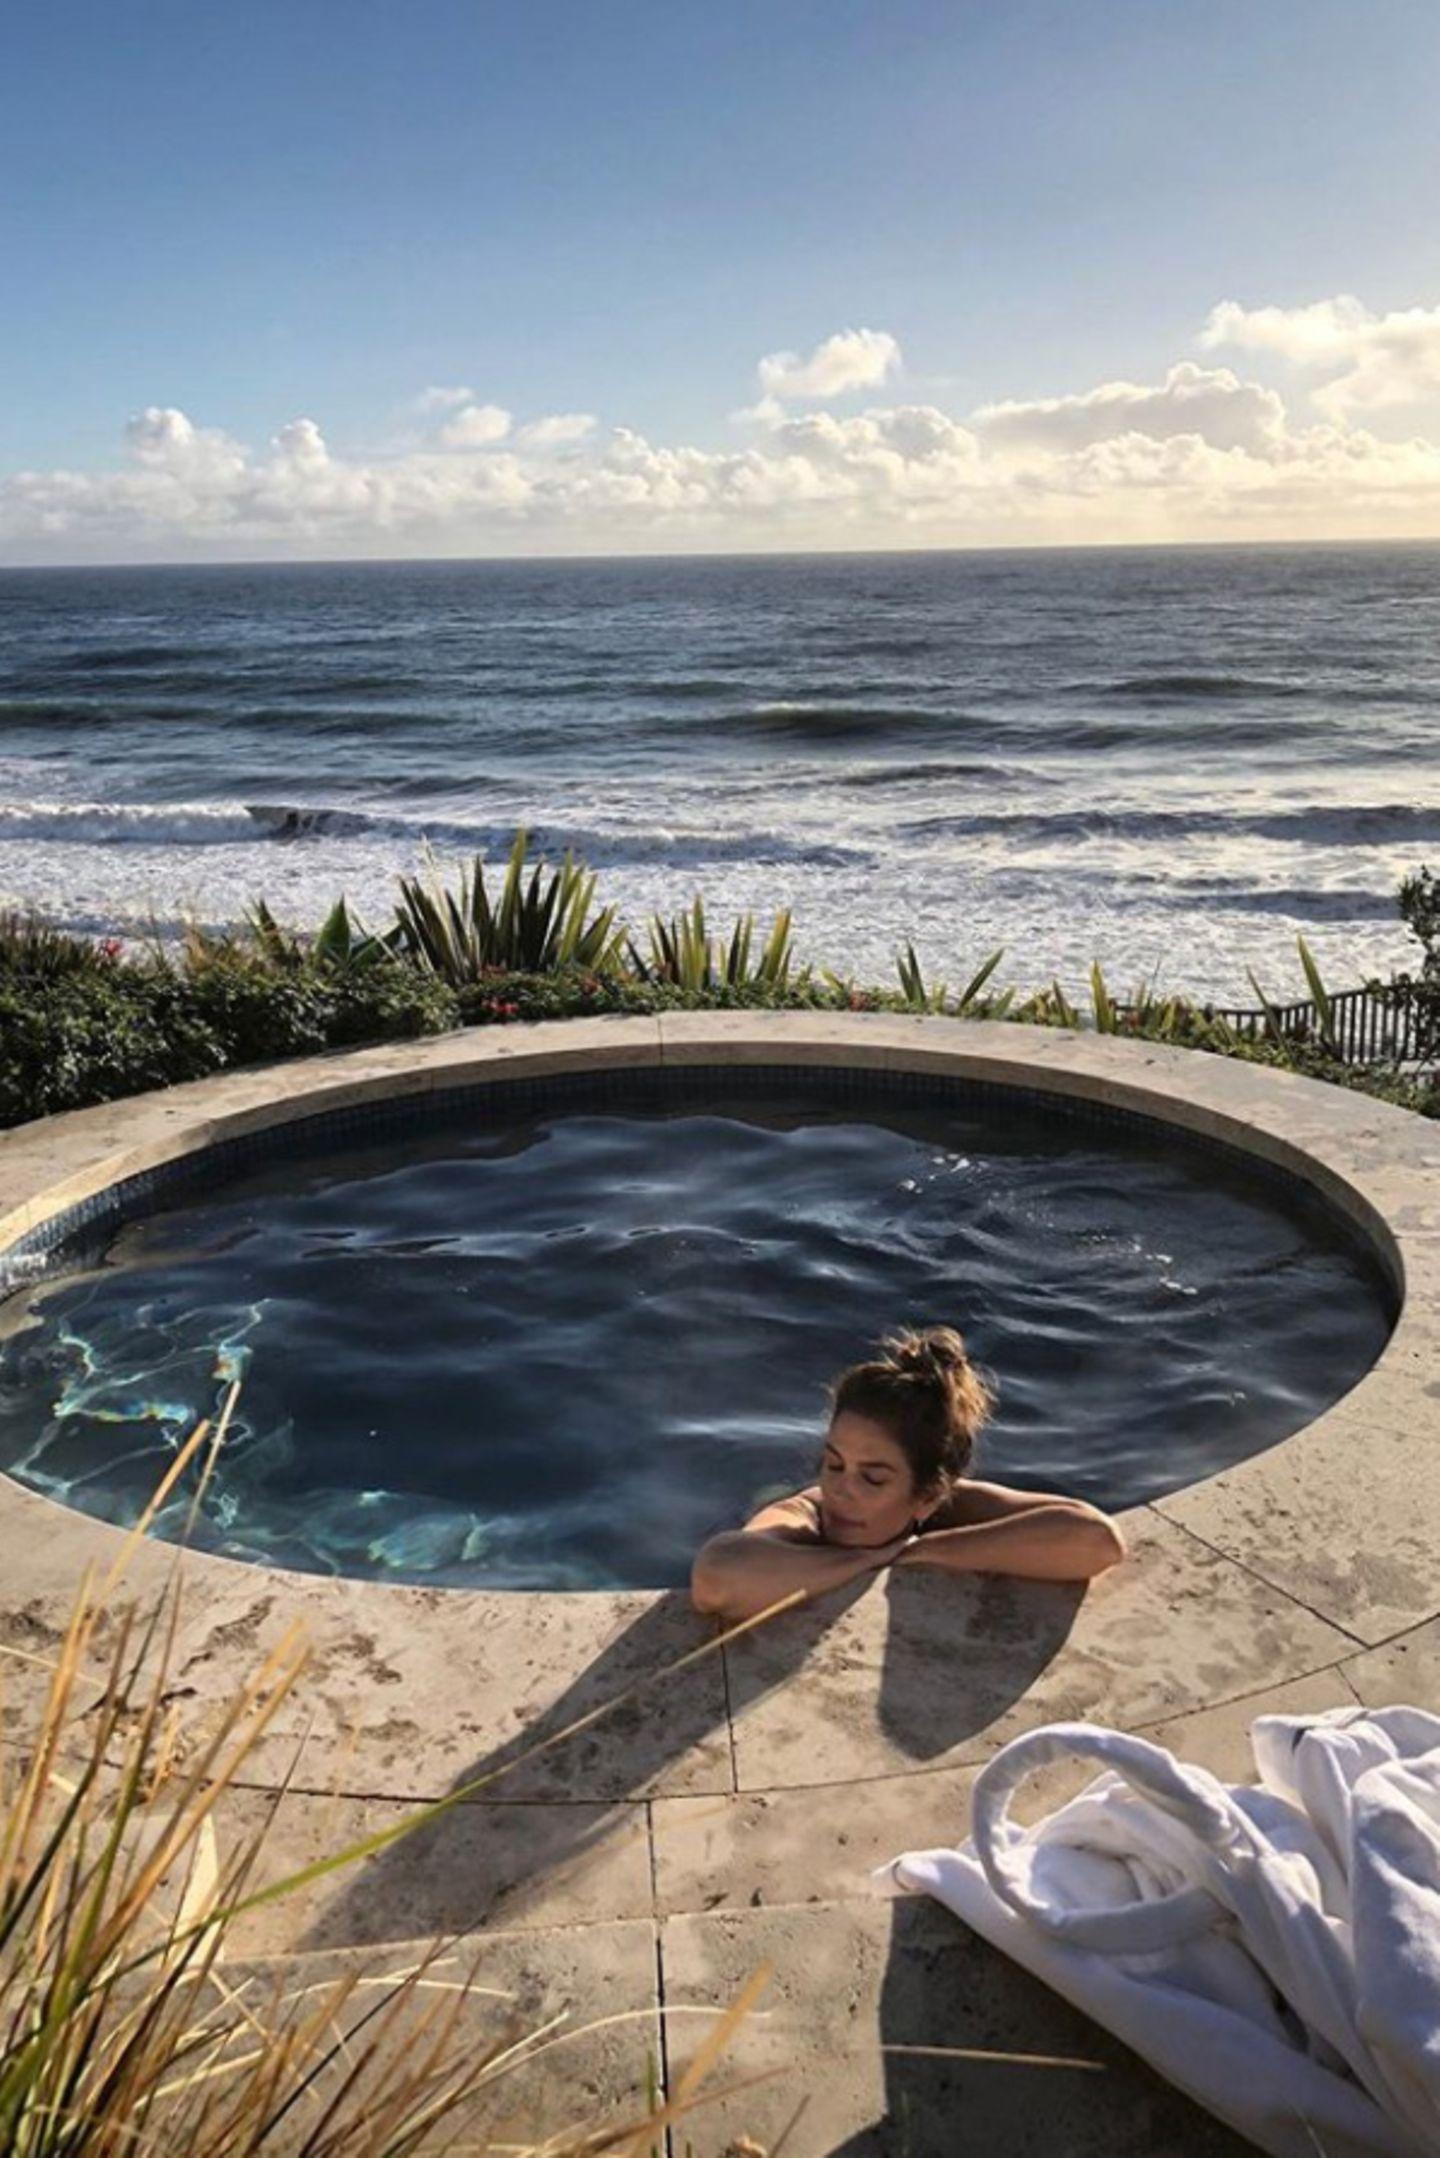 24. Juni 2020  Vor traumhafter Kulisse mit Meeresrauschen in den Ohrenlässt Cindy Crawford den Tag entspannt ausklingen. Hach, wer würde hier nicht gerne sofort mit in den Jacuzzi hüpfen wollen.